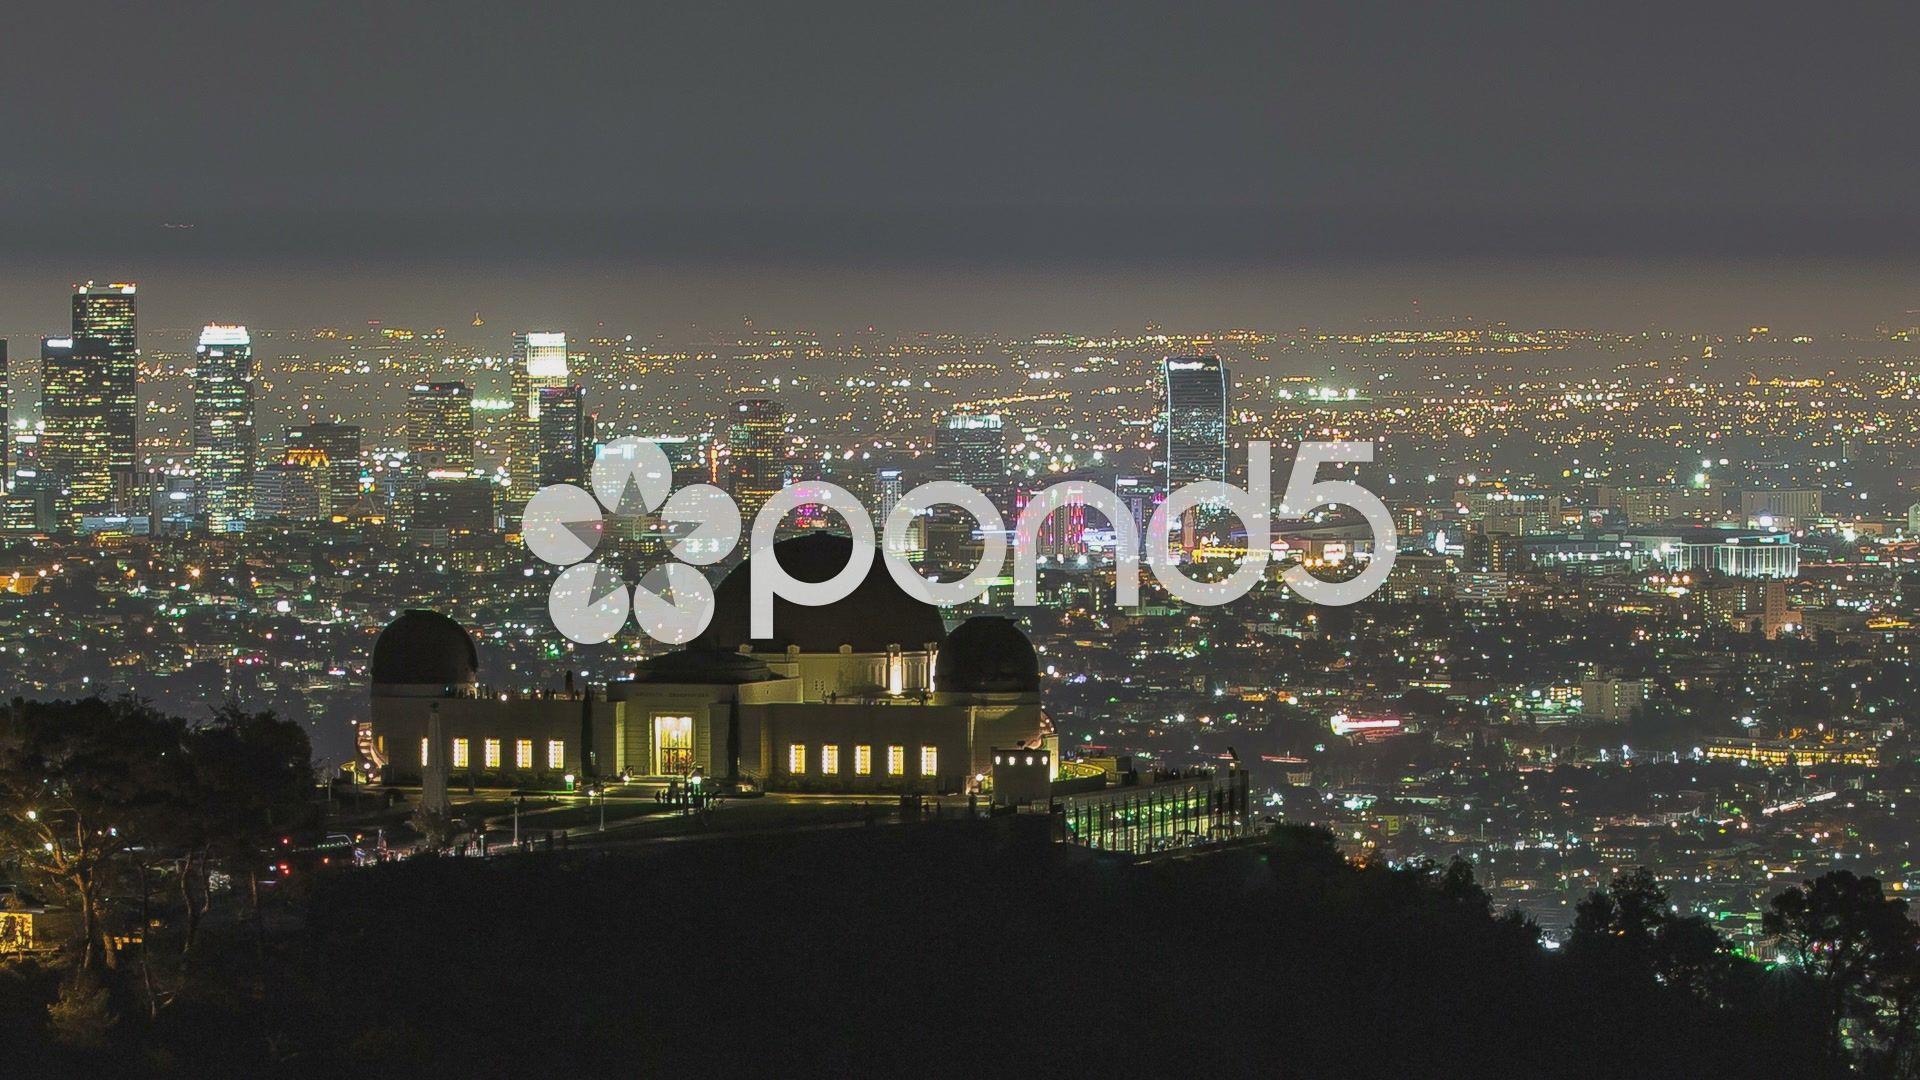 Los Angeles Night City Skyline Timelapse Pan To Downtown Stock Footage City Skyline Night Los Night City City Skyline City